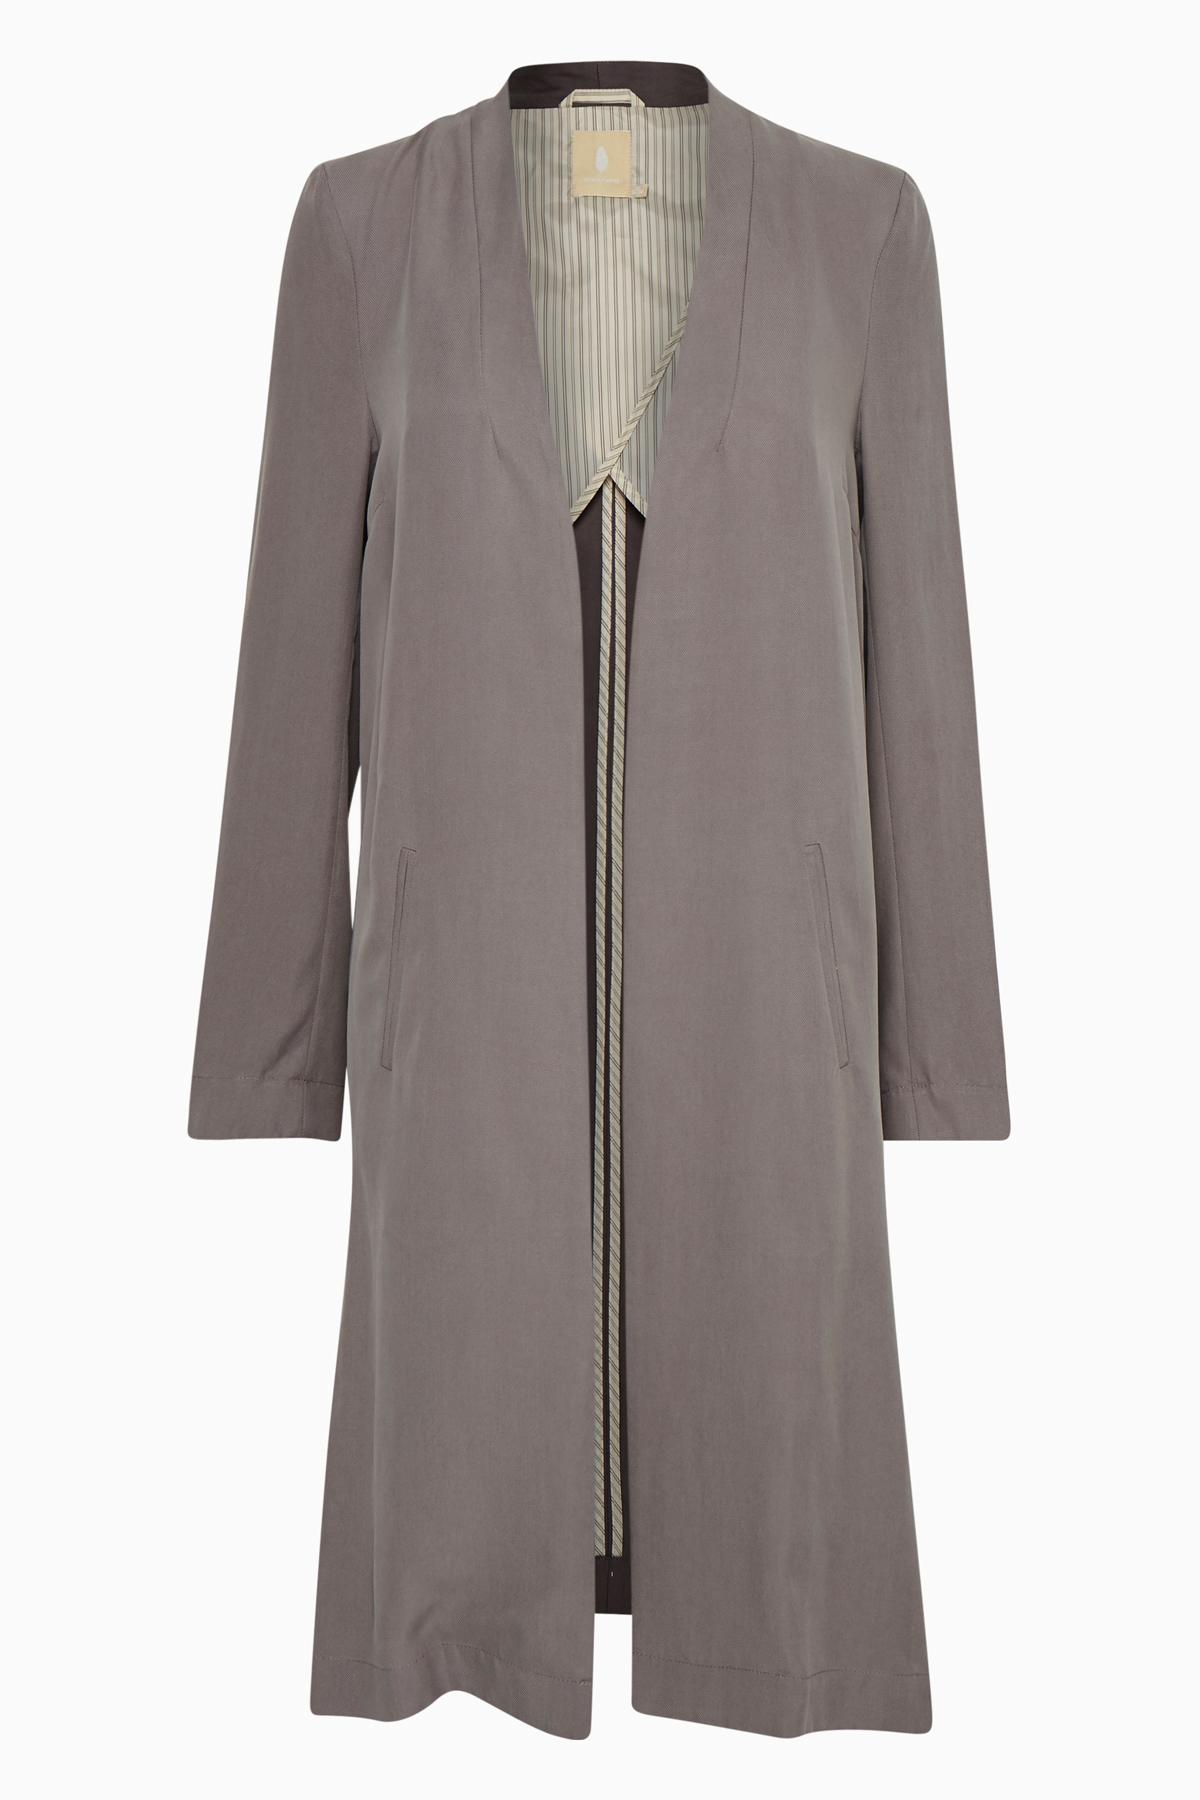 Grau Jacke von Bon'A Parte – Shoppen Sie Grau Jacke ab Gr. S-3XL hier